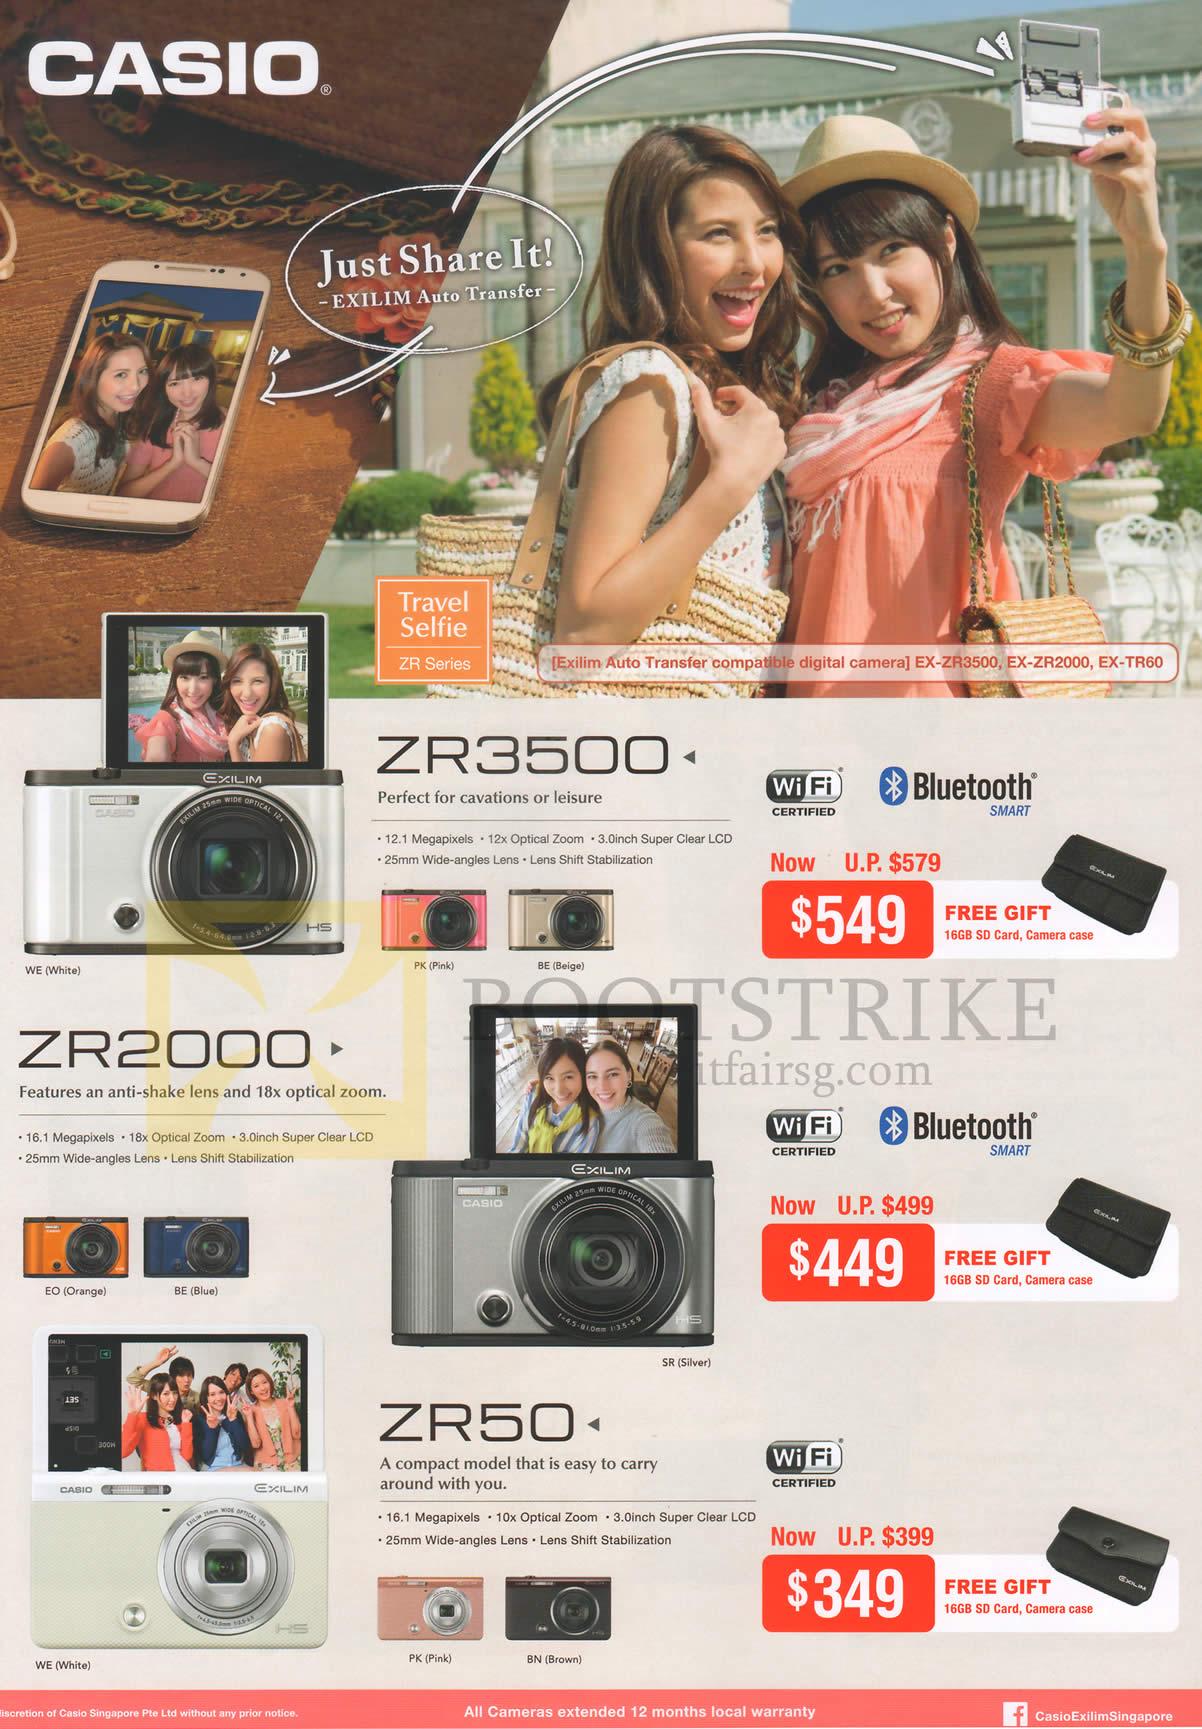 Casio Digital Cameras ZR3500, ZR2000, ZR50